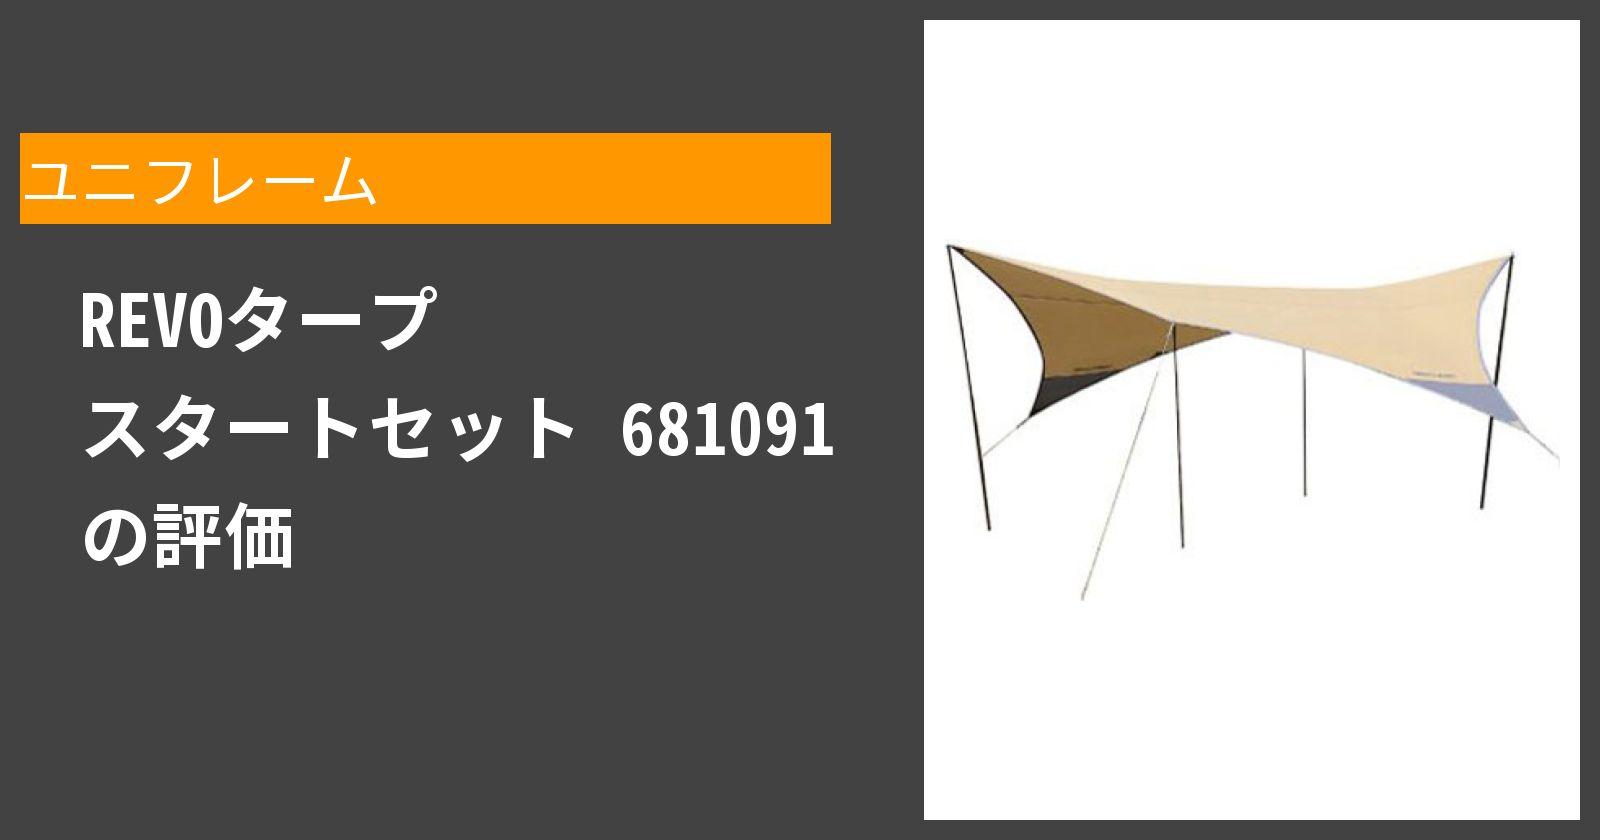 REVOタープ スタートセット 681091を徹底評価